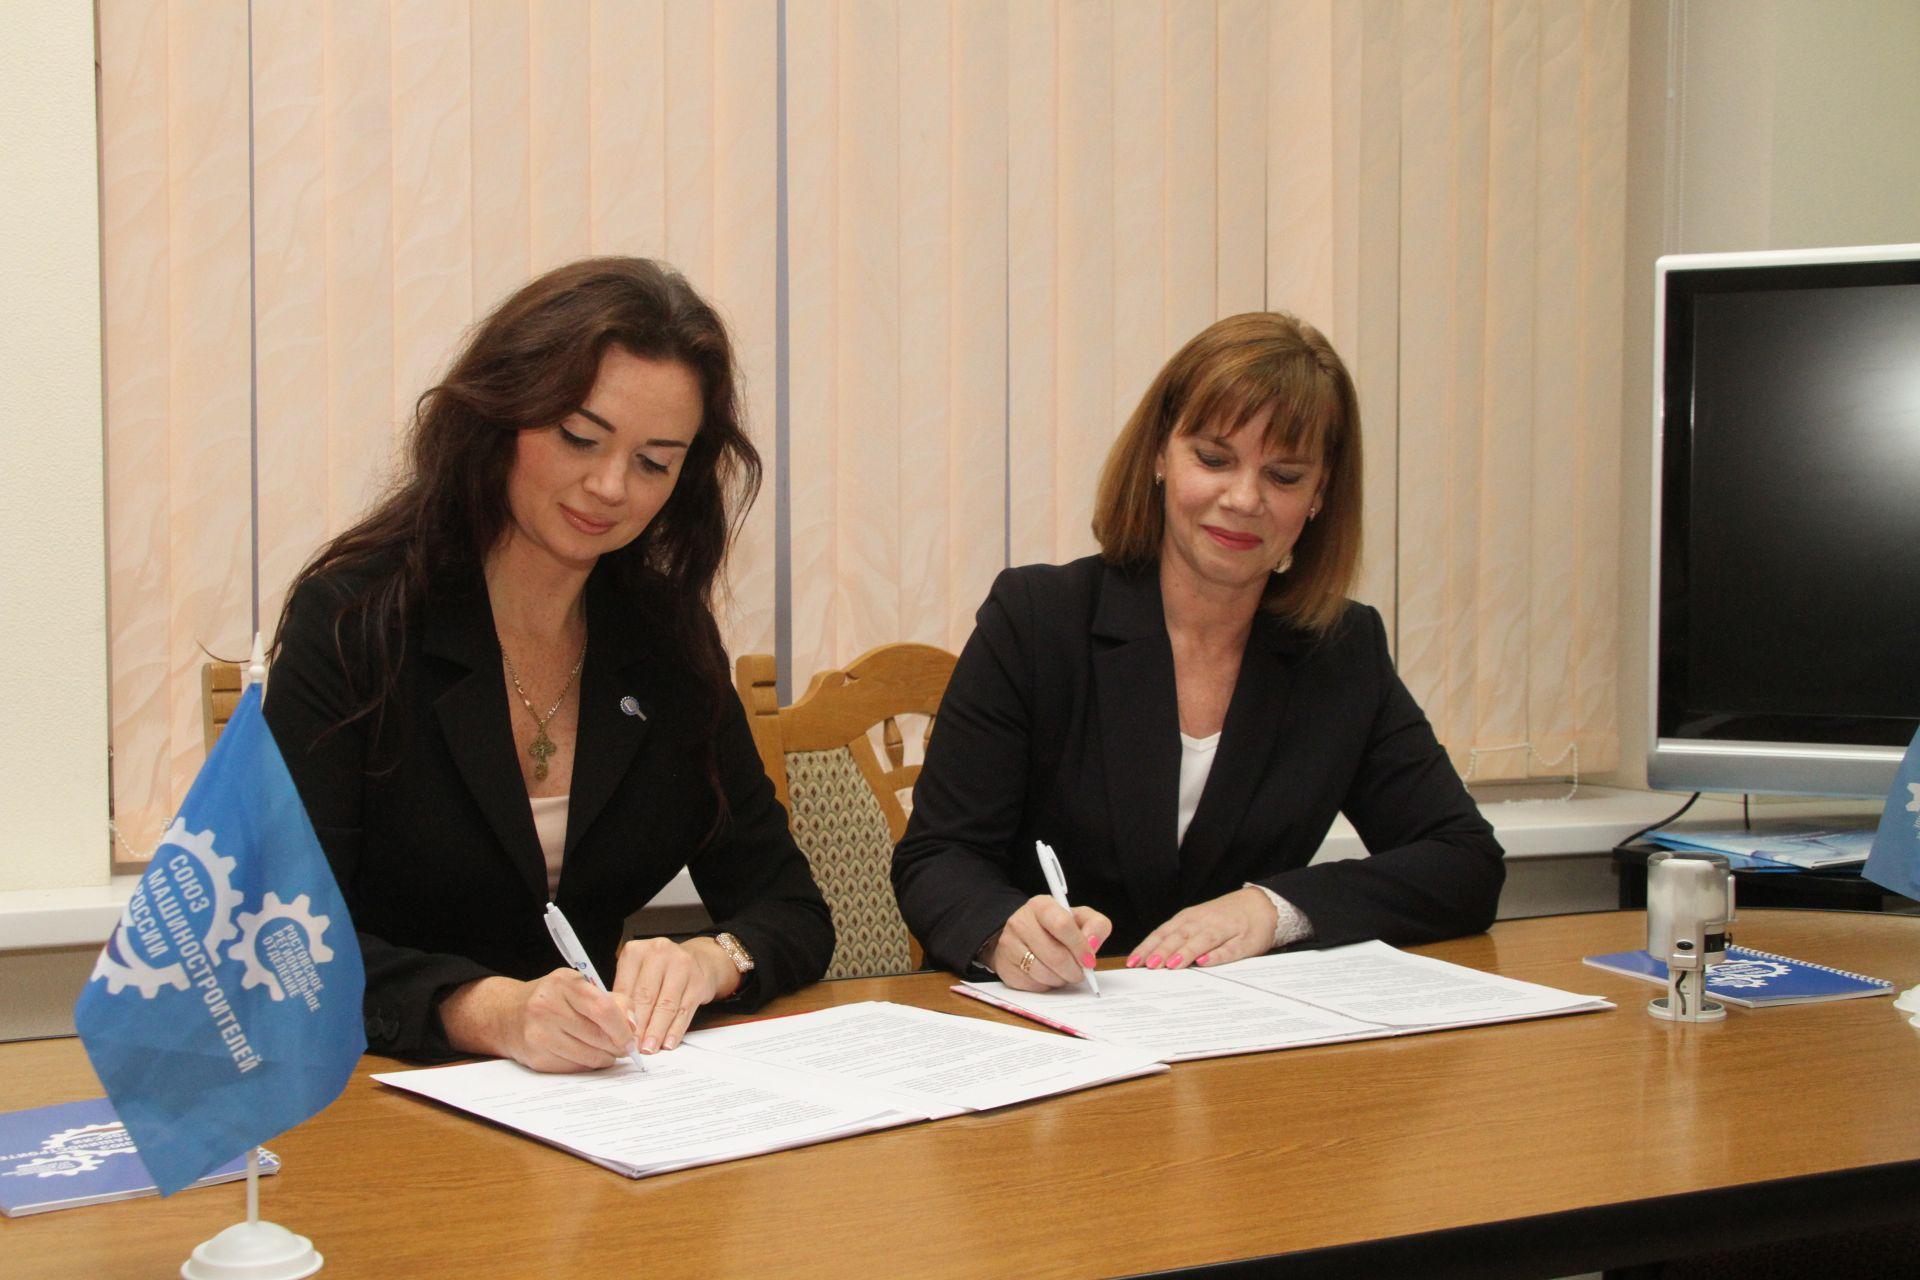 Крепнет сотрудничество донского Союзмаша и образования